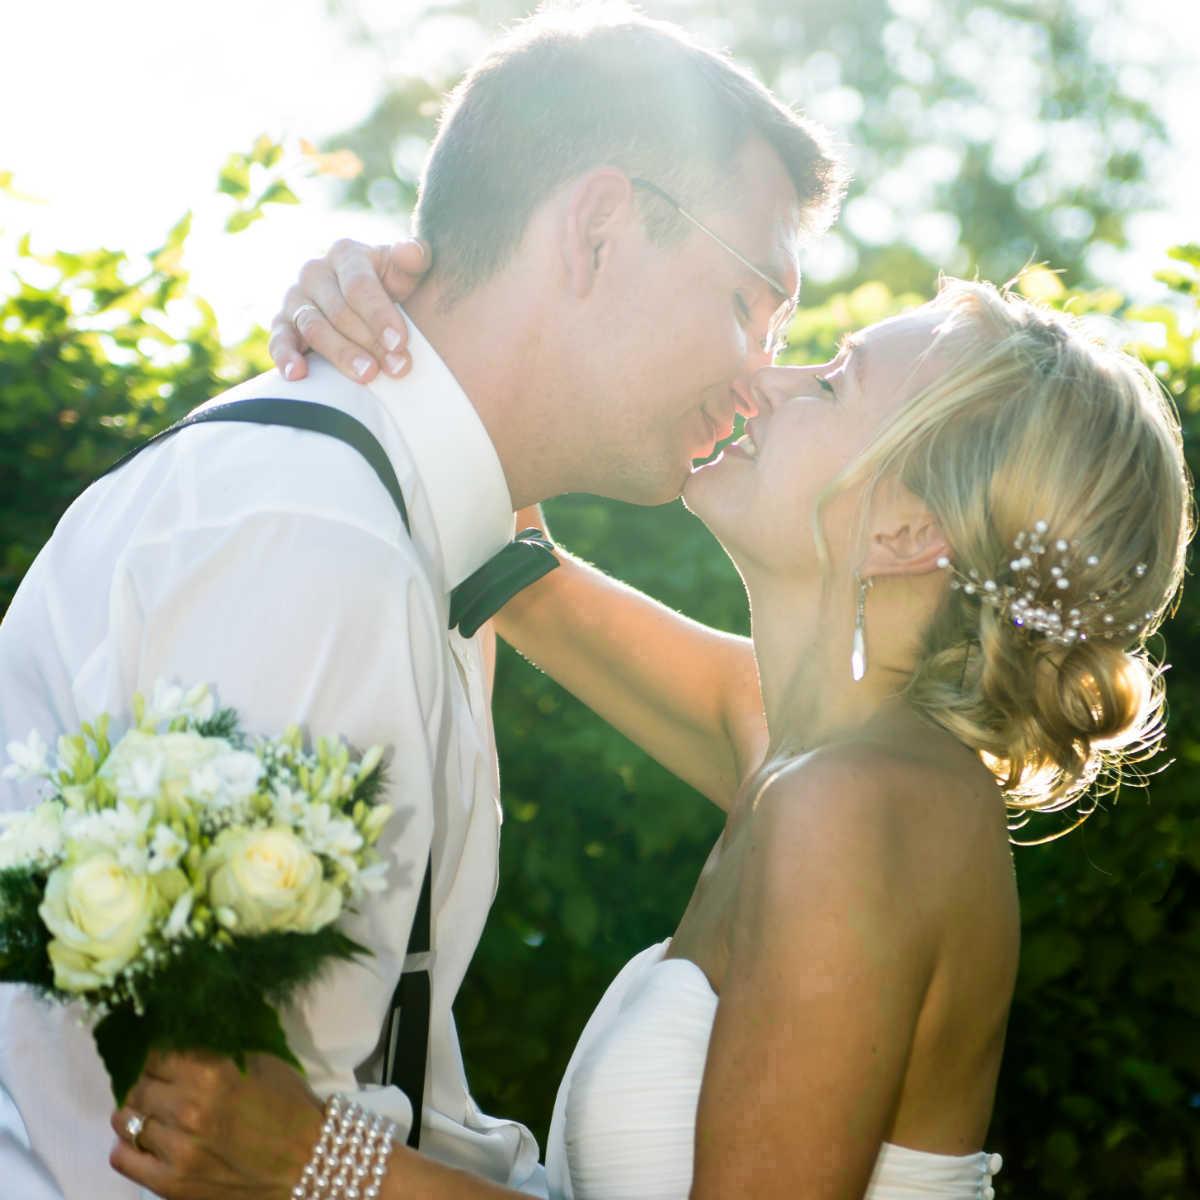 Brautpaar im Gegenlicht aufgenommen